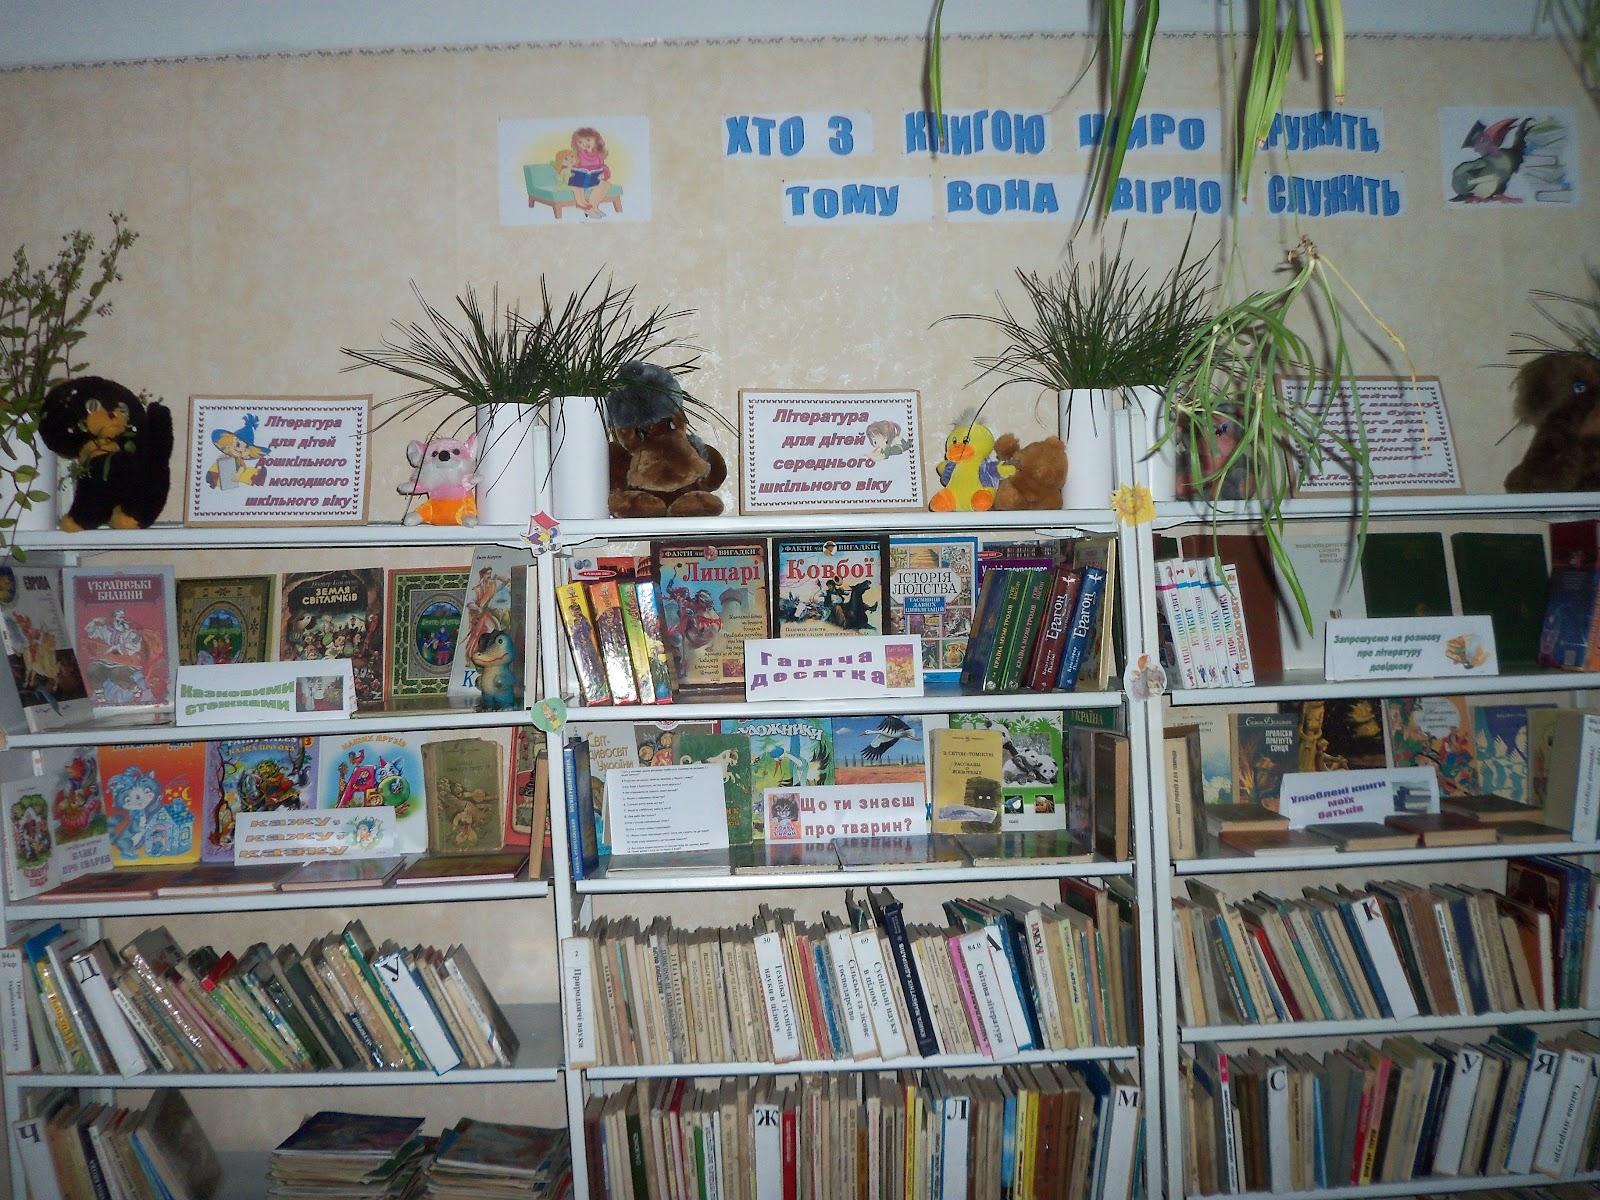 Сонячненська бібліотека філія